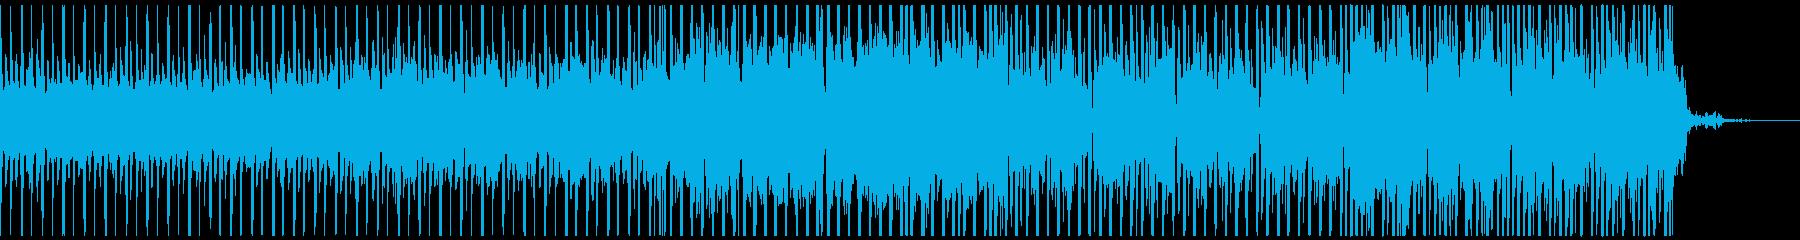 オシャレ系CM、スタイリッシュBGMの再生済みの波形